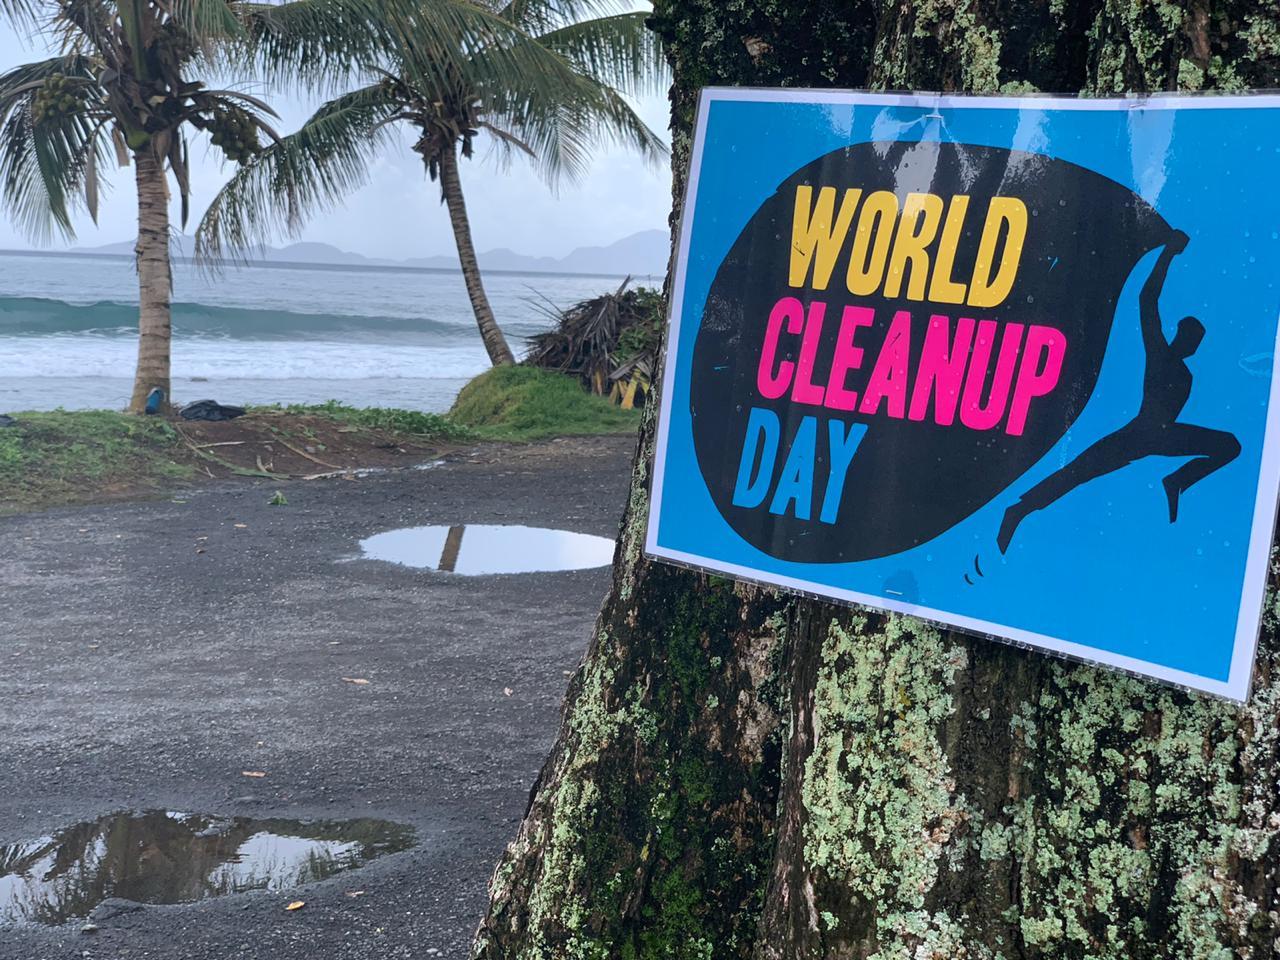 Opération de nettoyage World Clean Up Day à Trois-Rivières